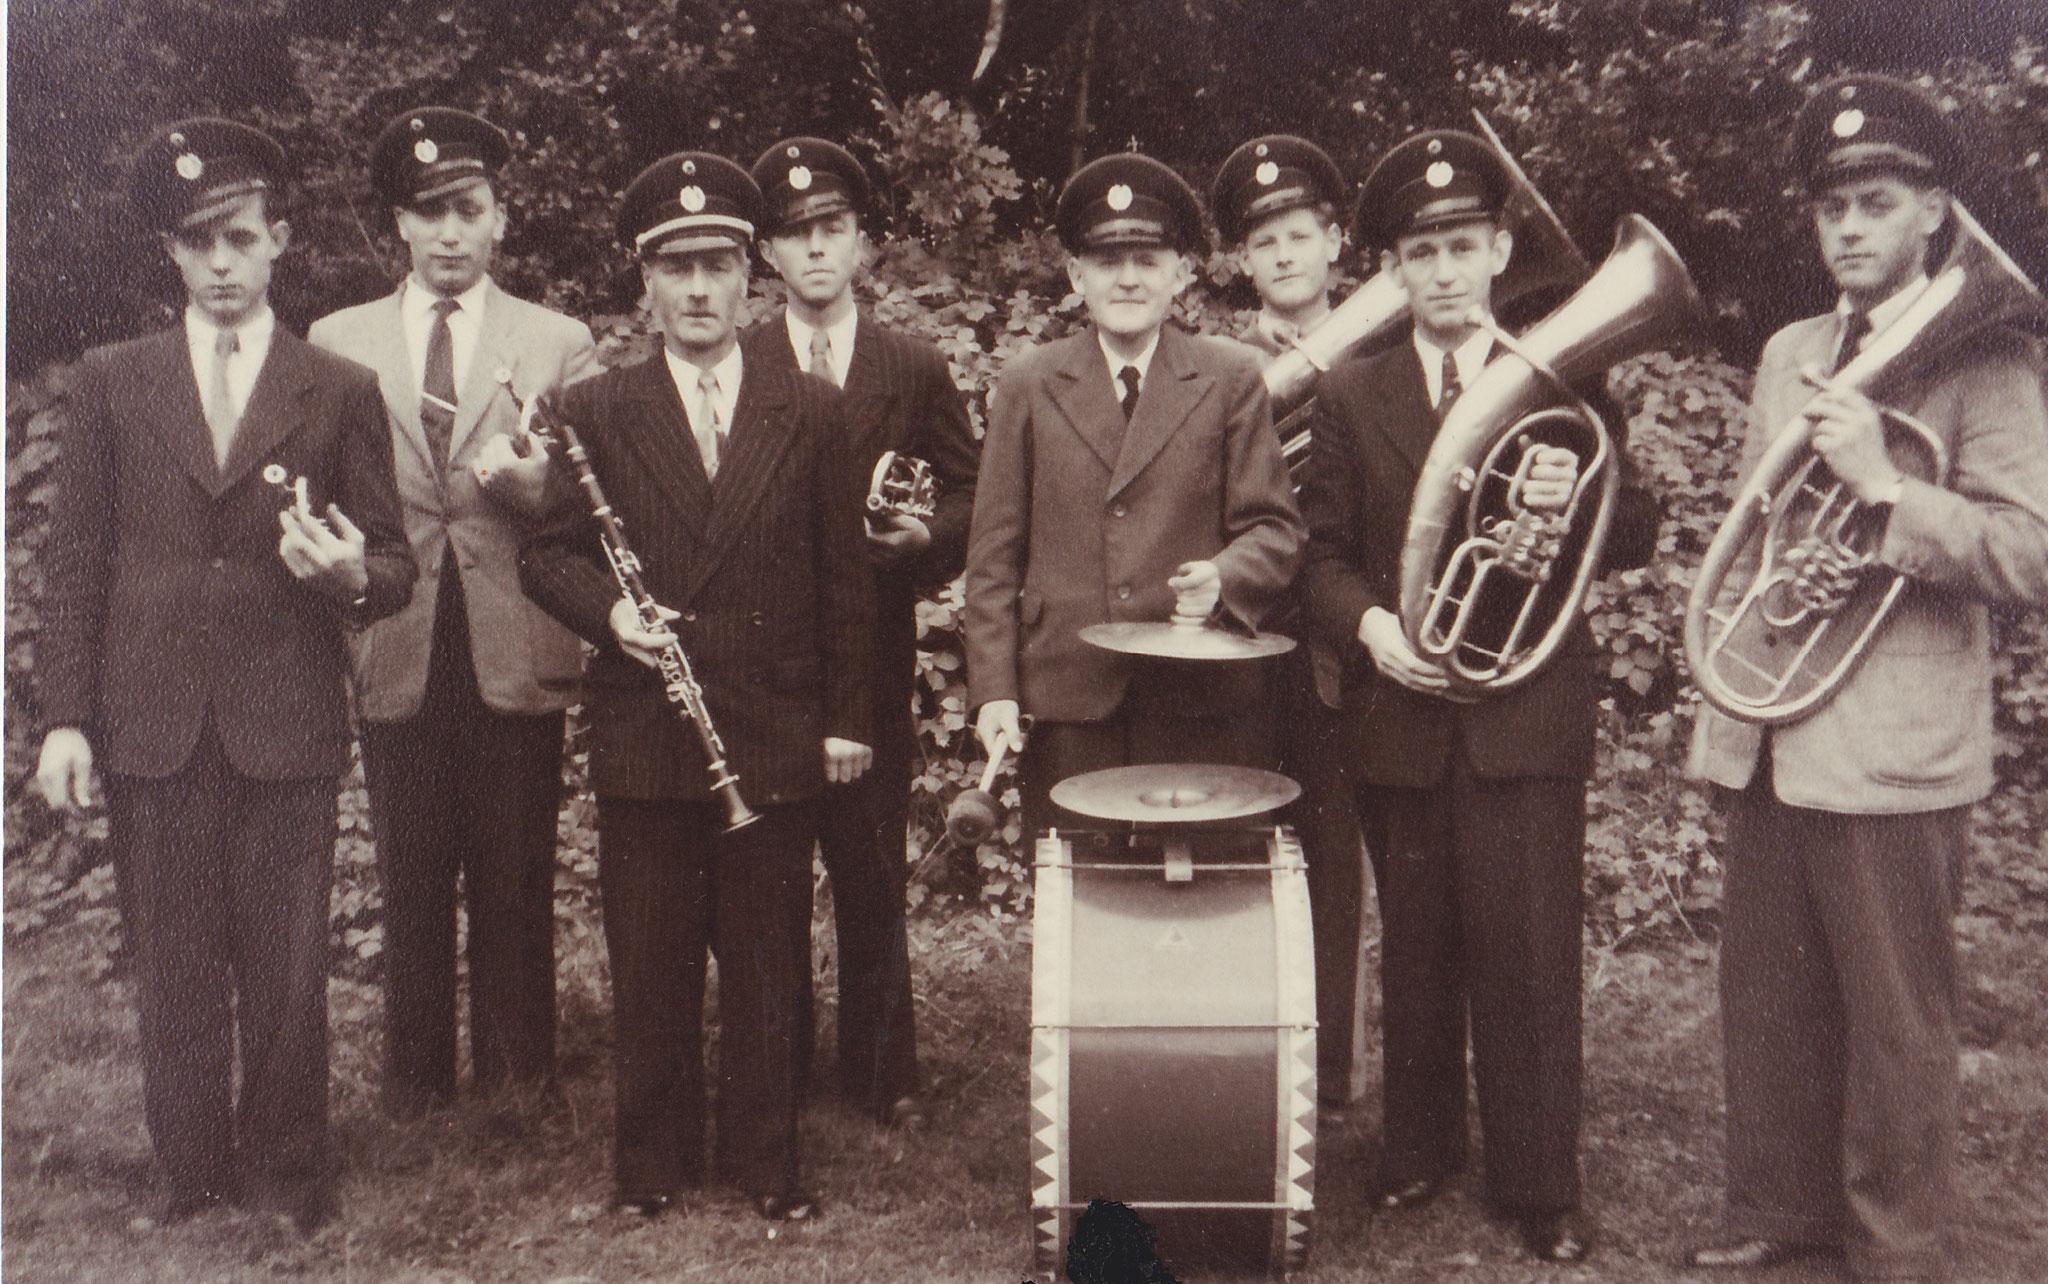 v.l.: Johannes Elling, Josef Terhürne, Heinrich Pöppelbuß, Johann Tenhumberg, Heinrich Huning , Johannes Pöppelbuß, Anton Nagenborg, Gerhard Pöppelbuß